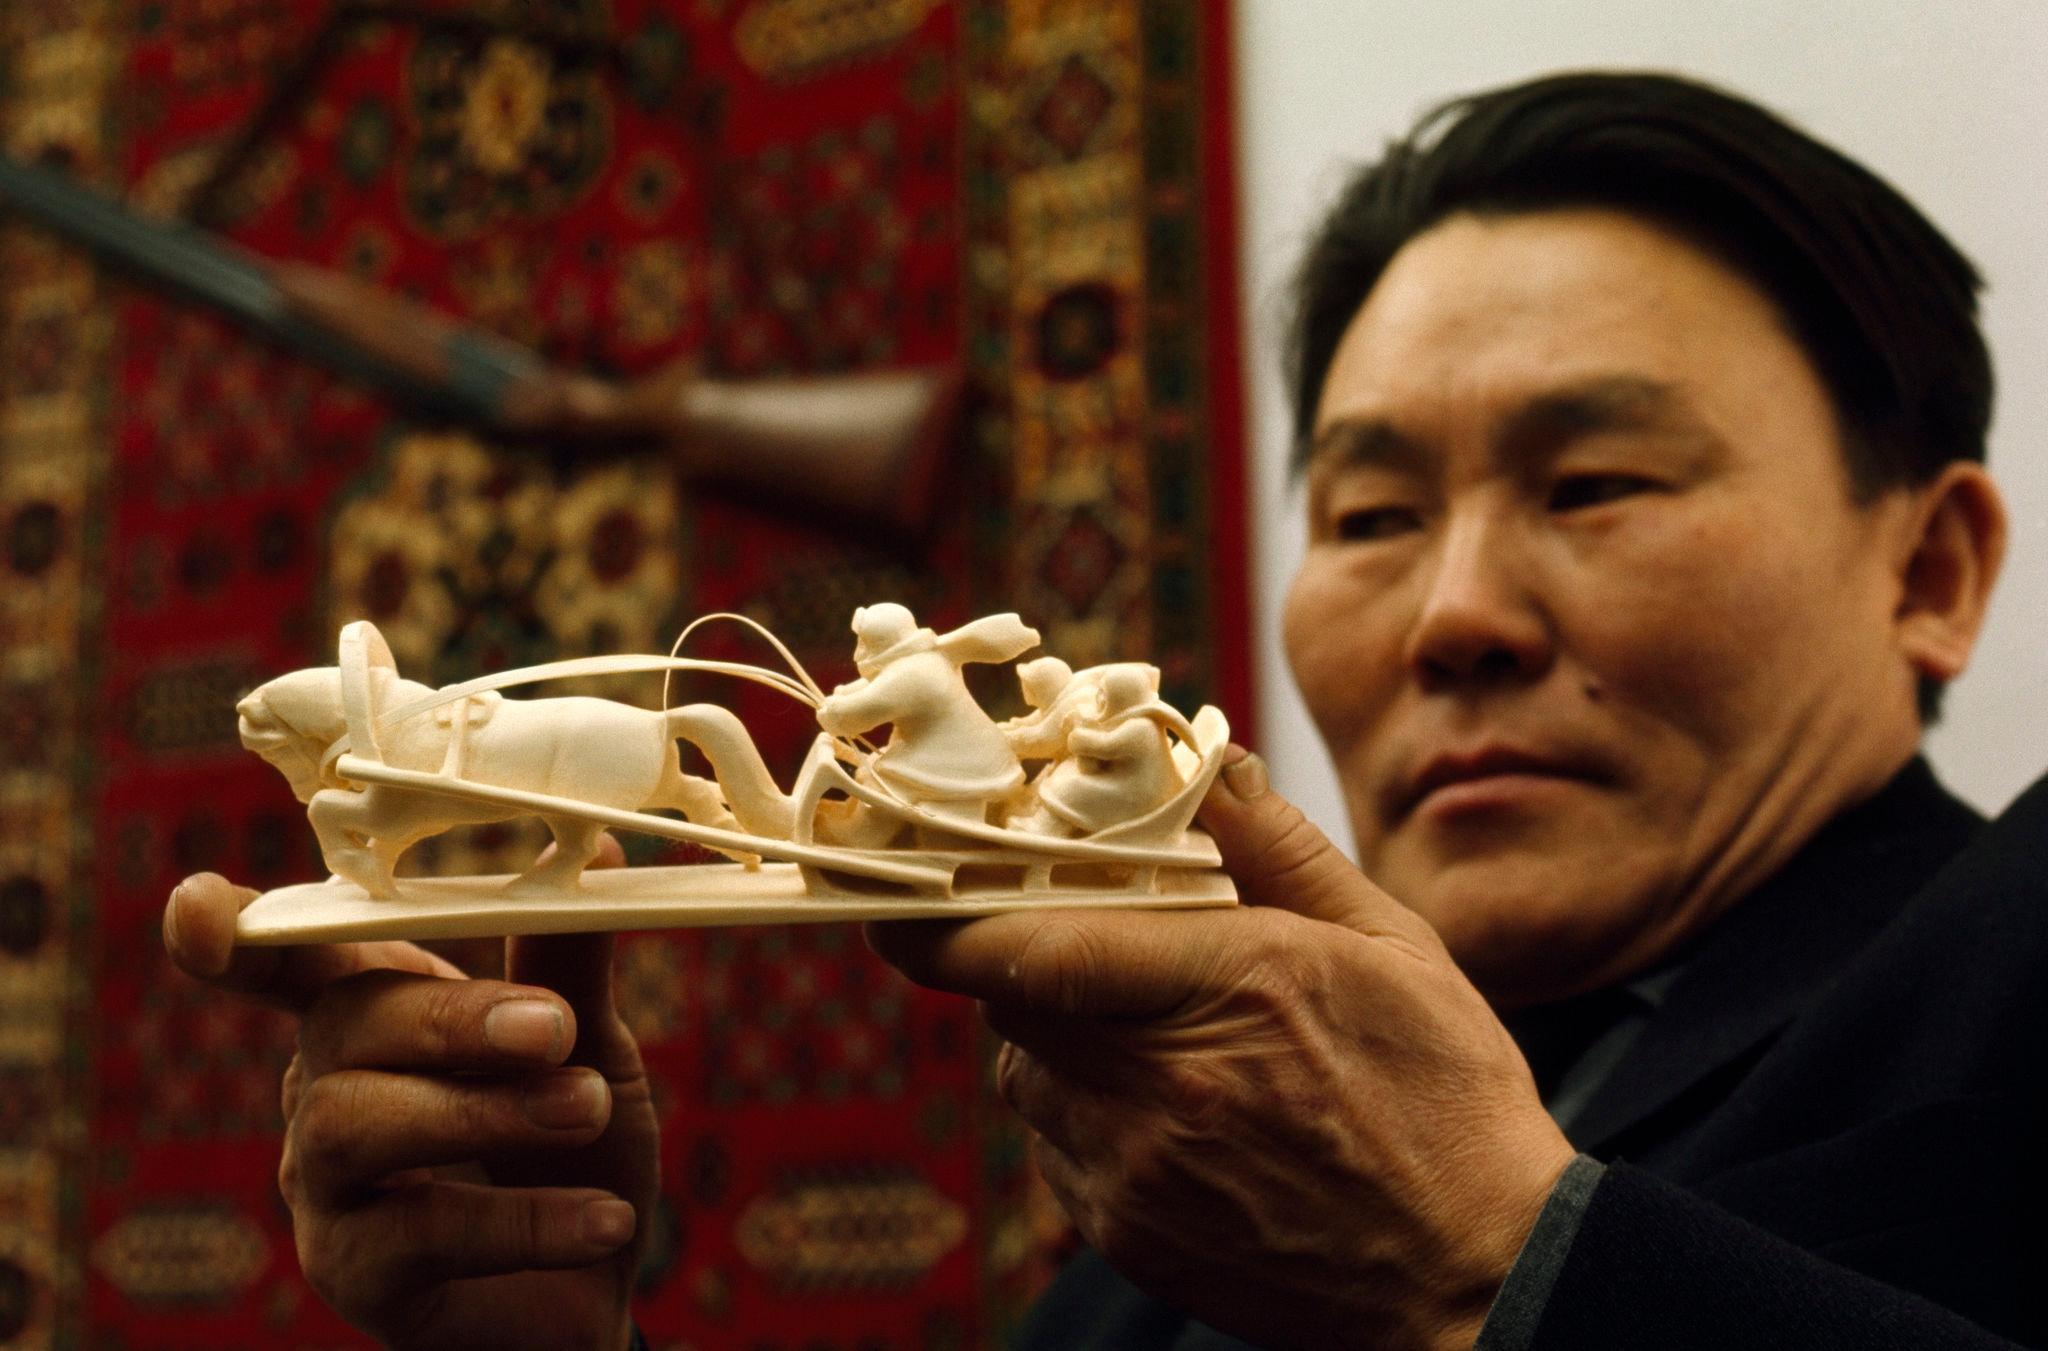 Якутский художник Семен Пестеров вырезает фигуры из мамонтовой кост.jpg